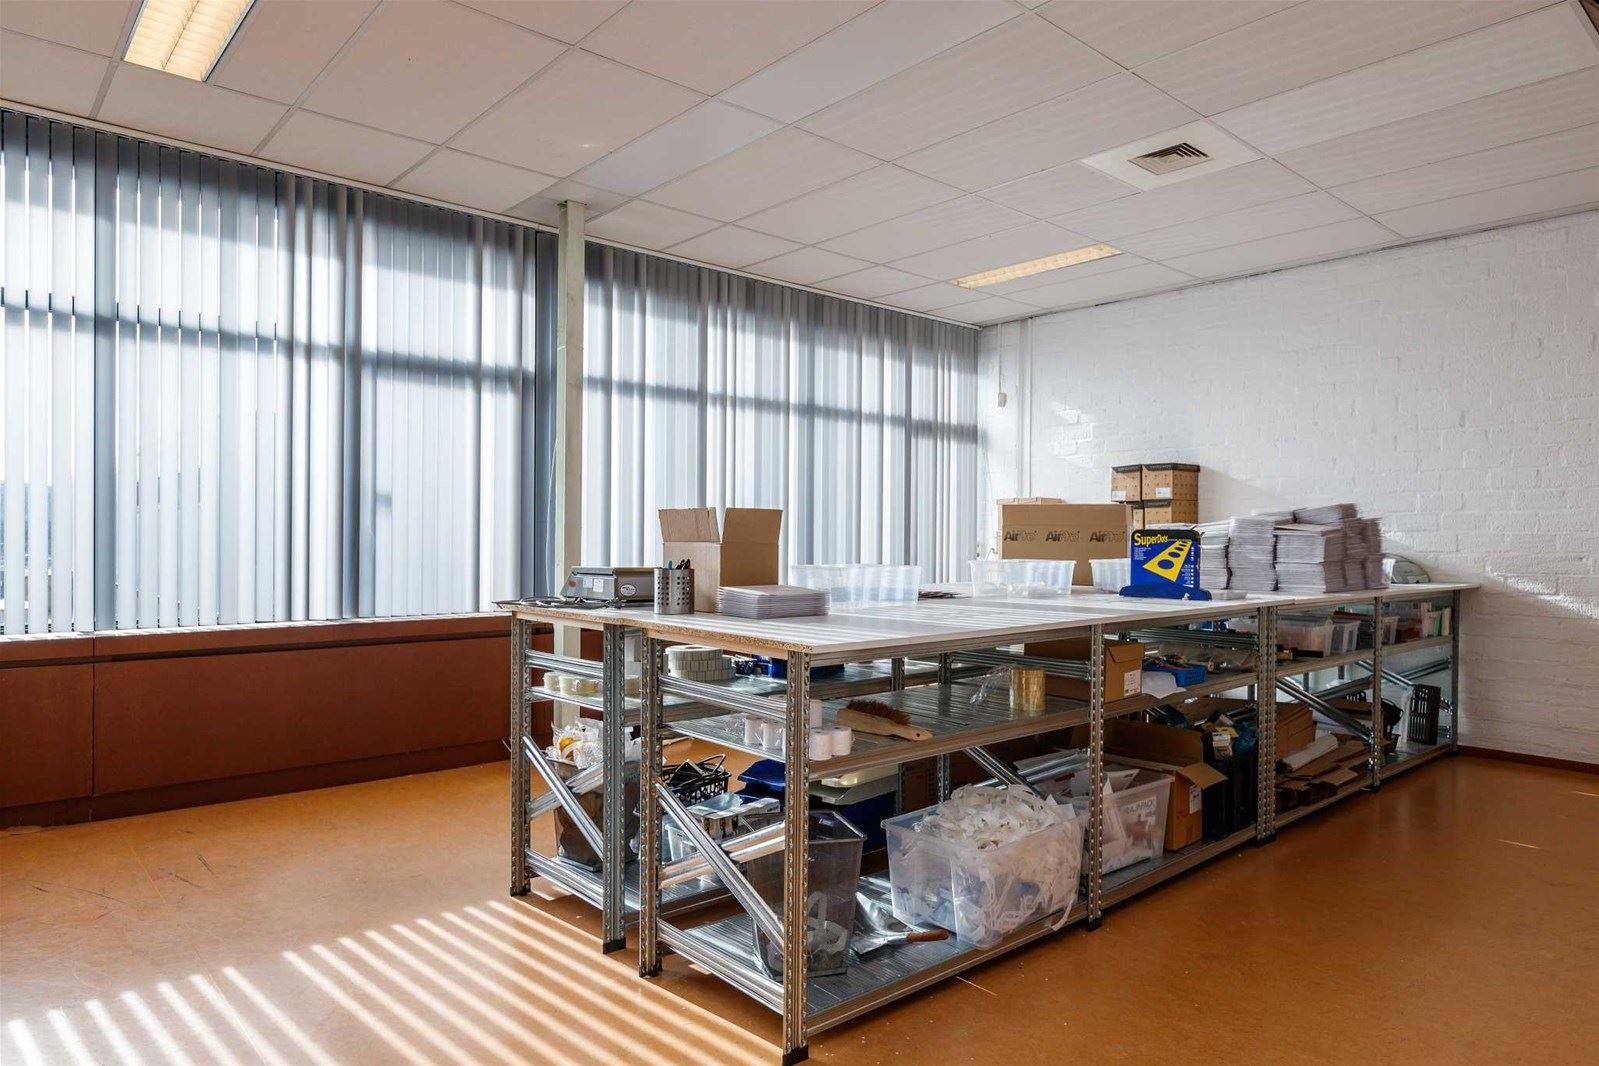 Spiegel Zonwering Utrecht : Bedrijfshal utrecht zoek bedrijfshallen te koop savannahweg